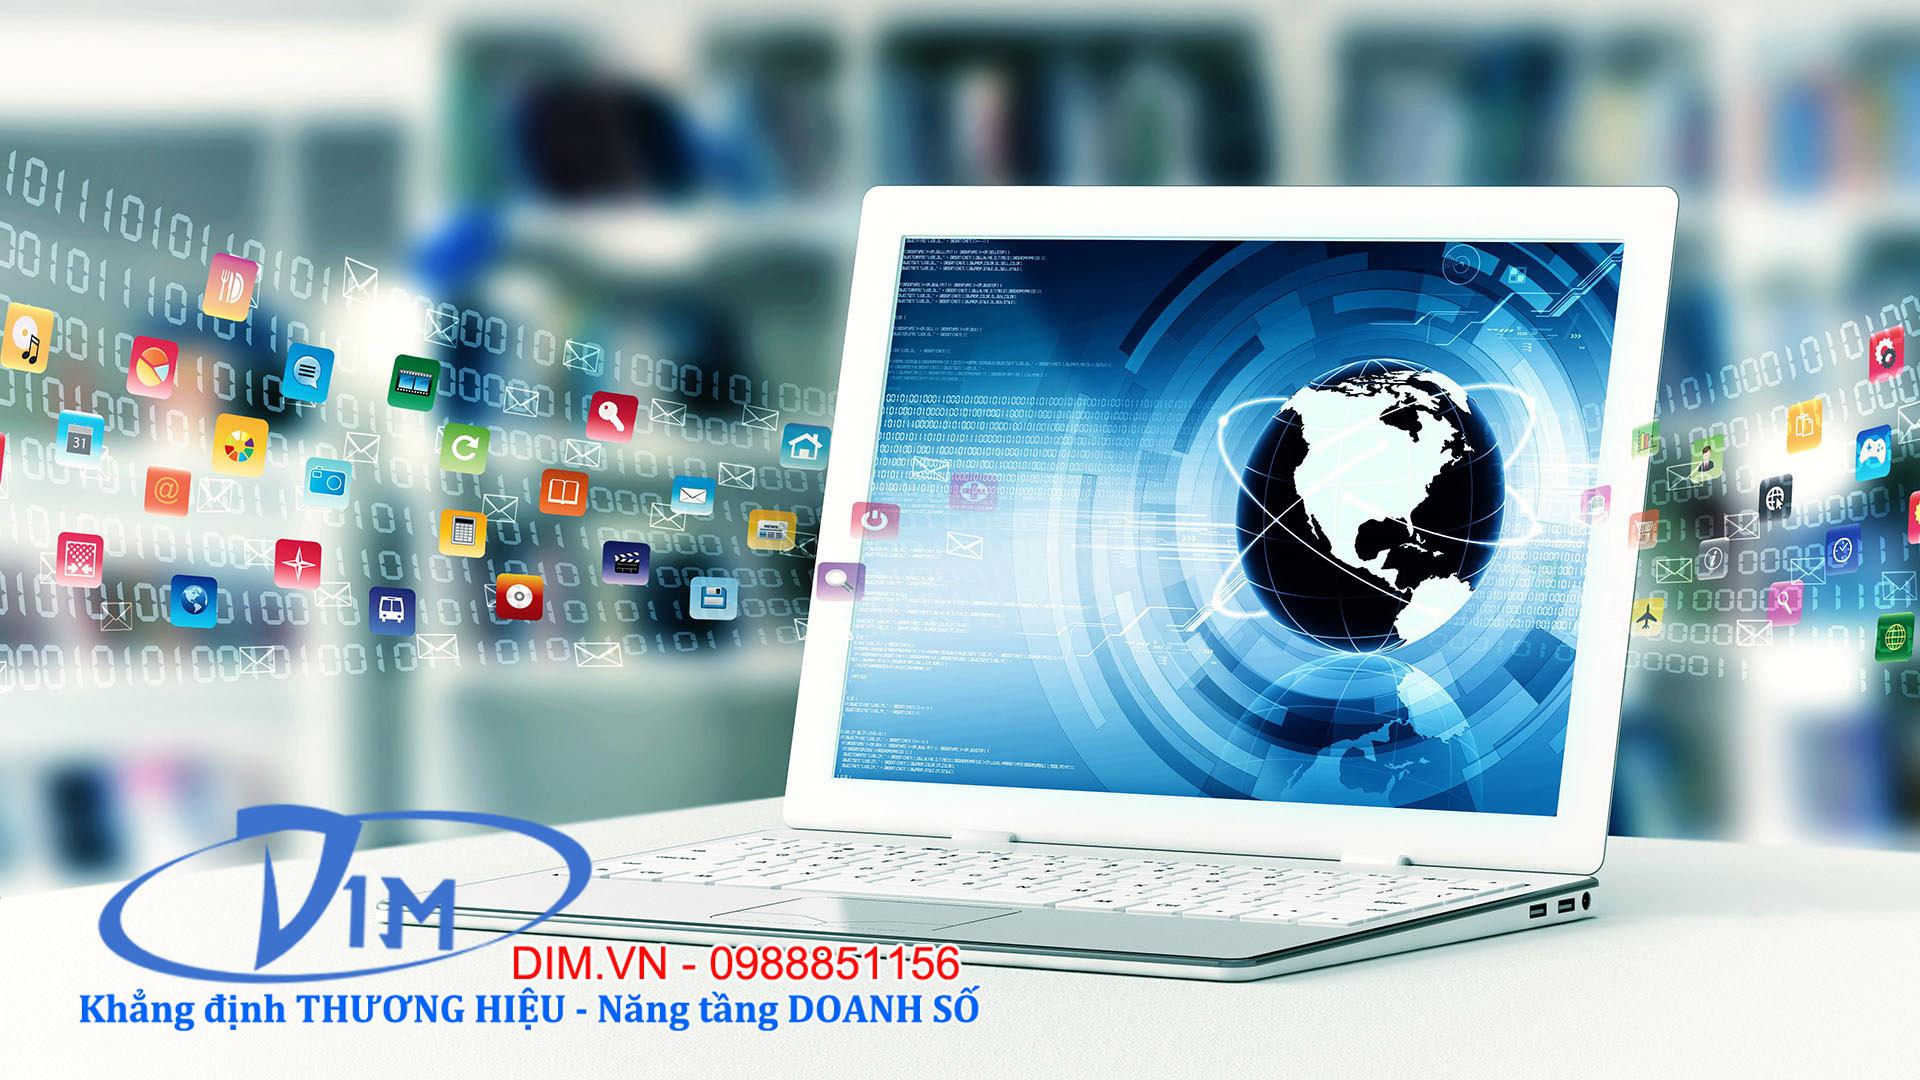 thiết kế website chuẩn seo tại bắc giang